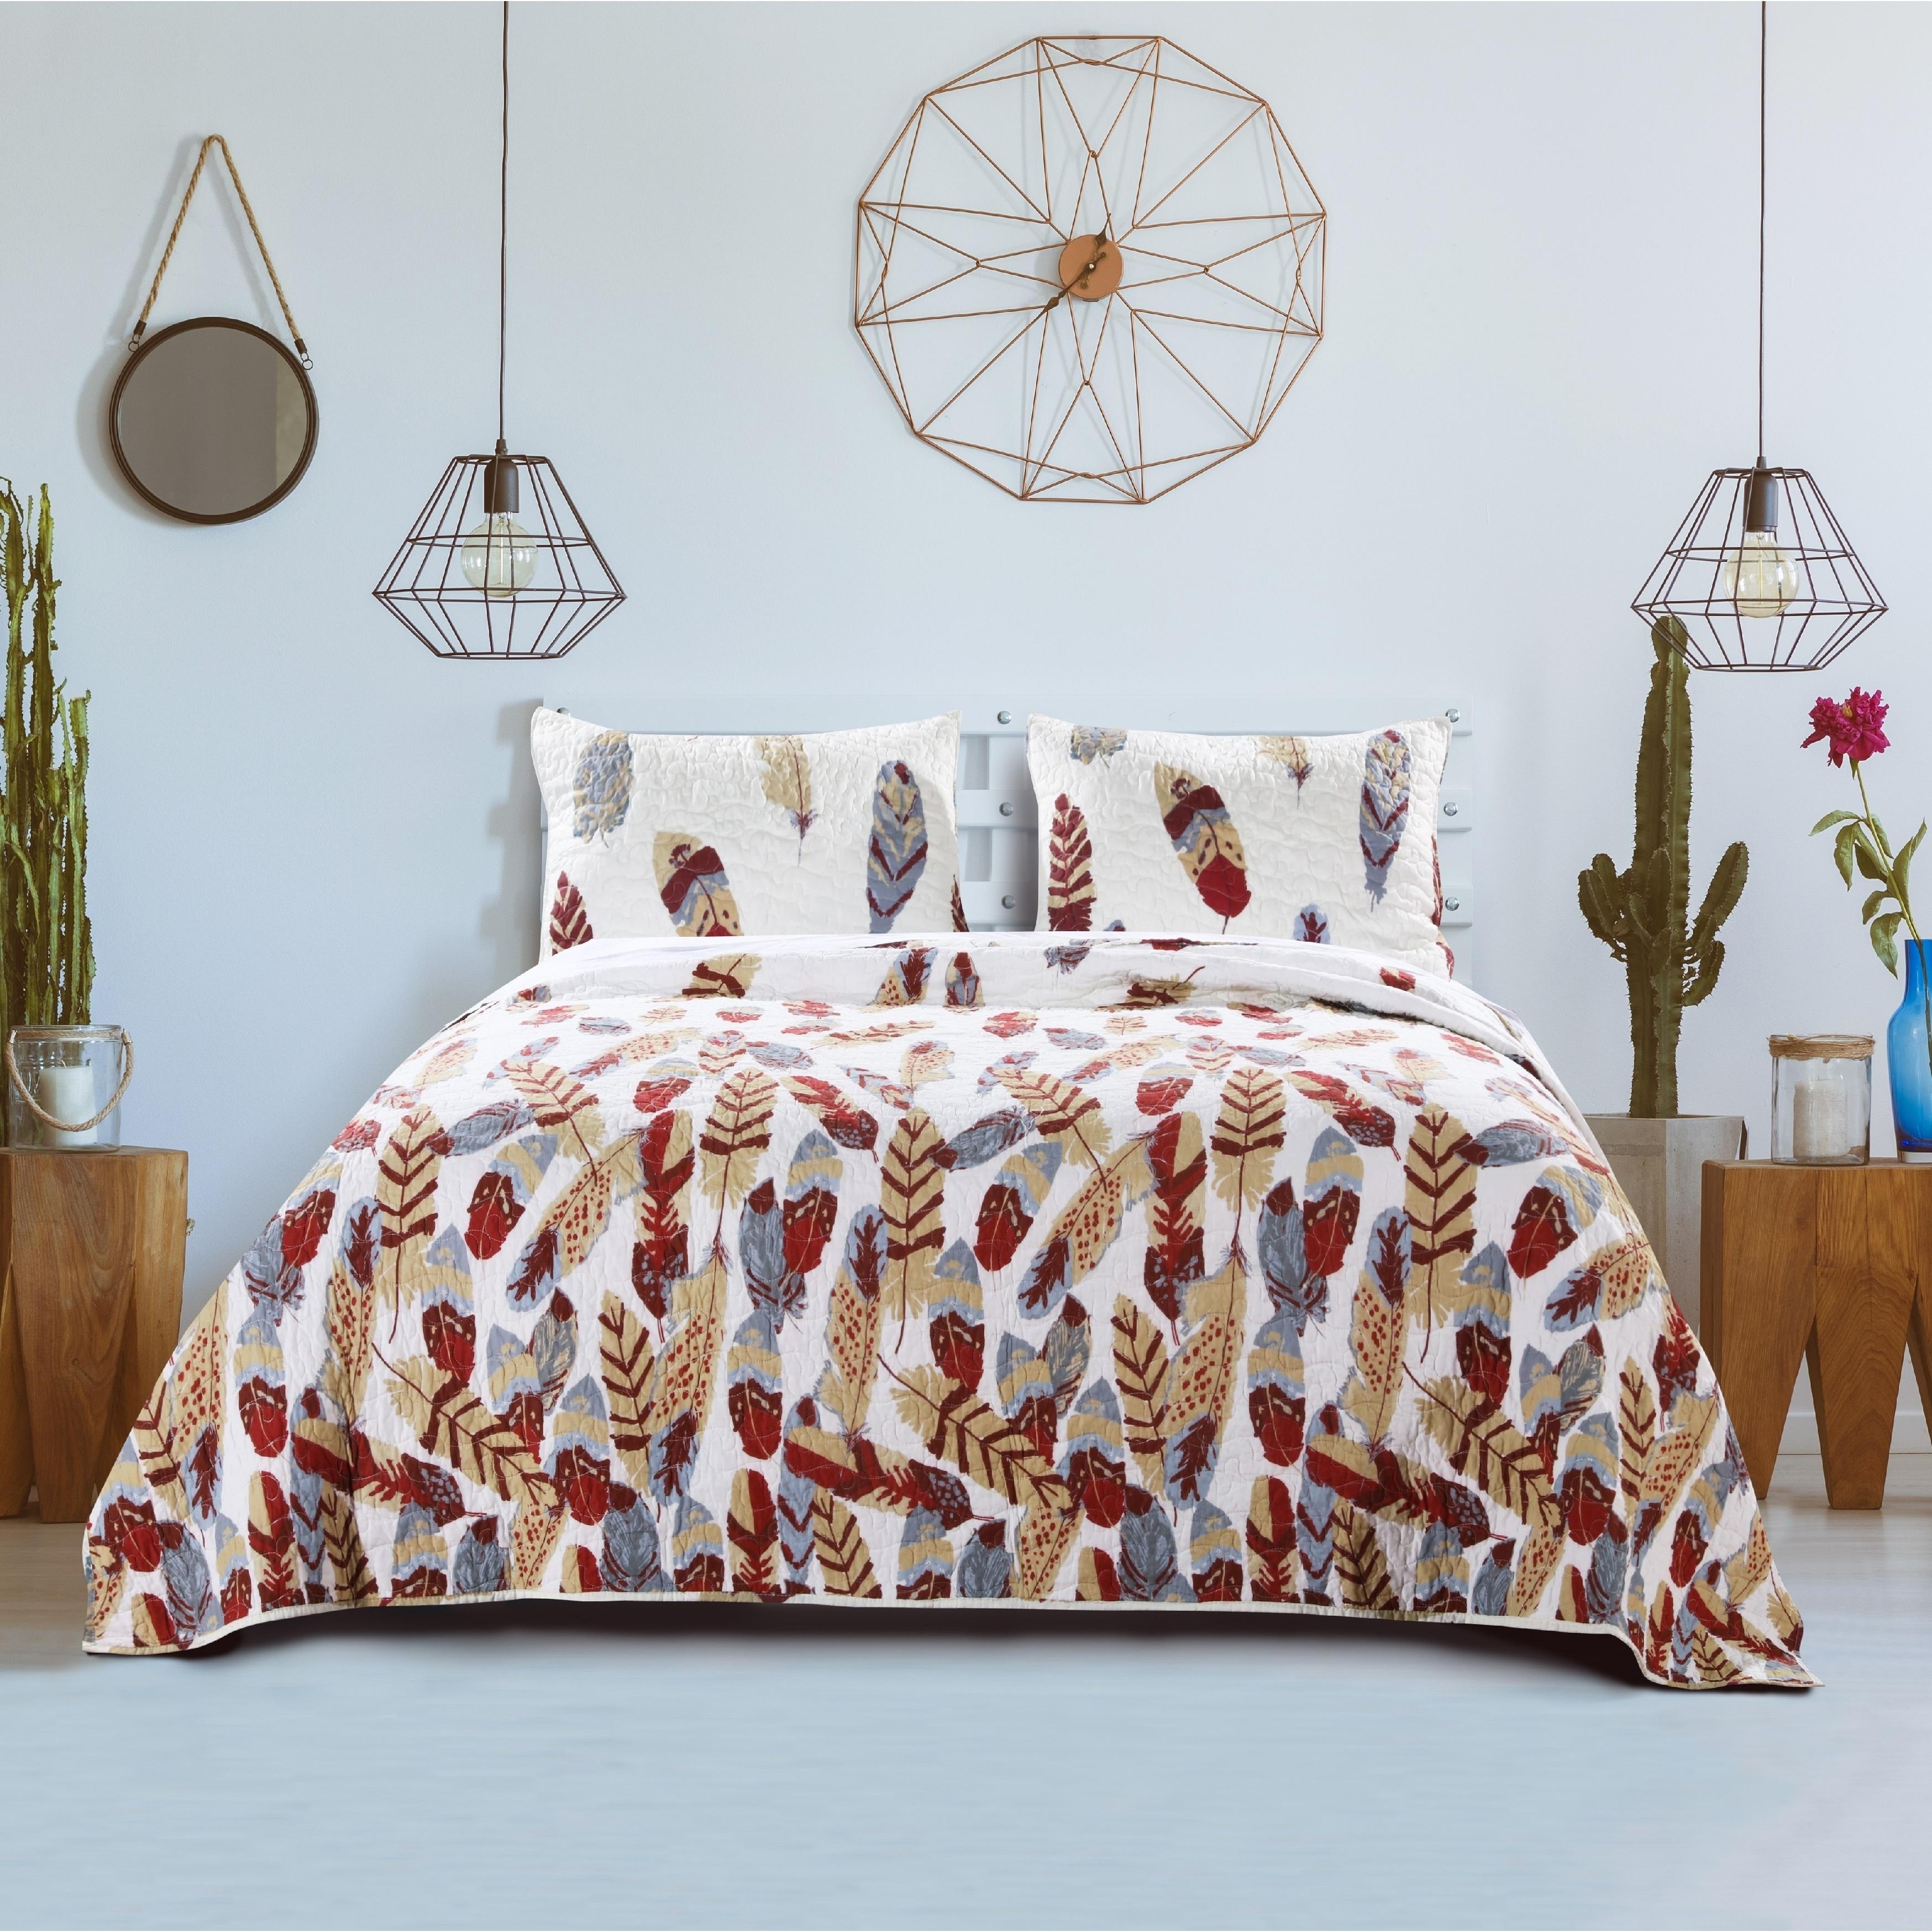 3 Piece Dream Catcher Quilt Set Western Bedspread Comforter Bedding Off-White